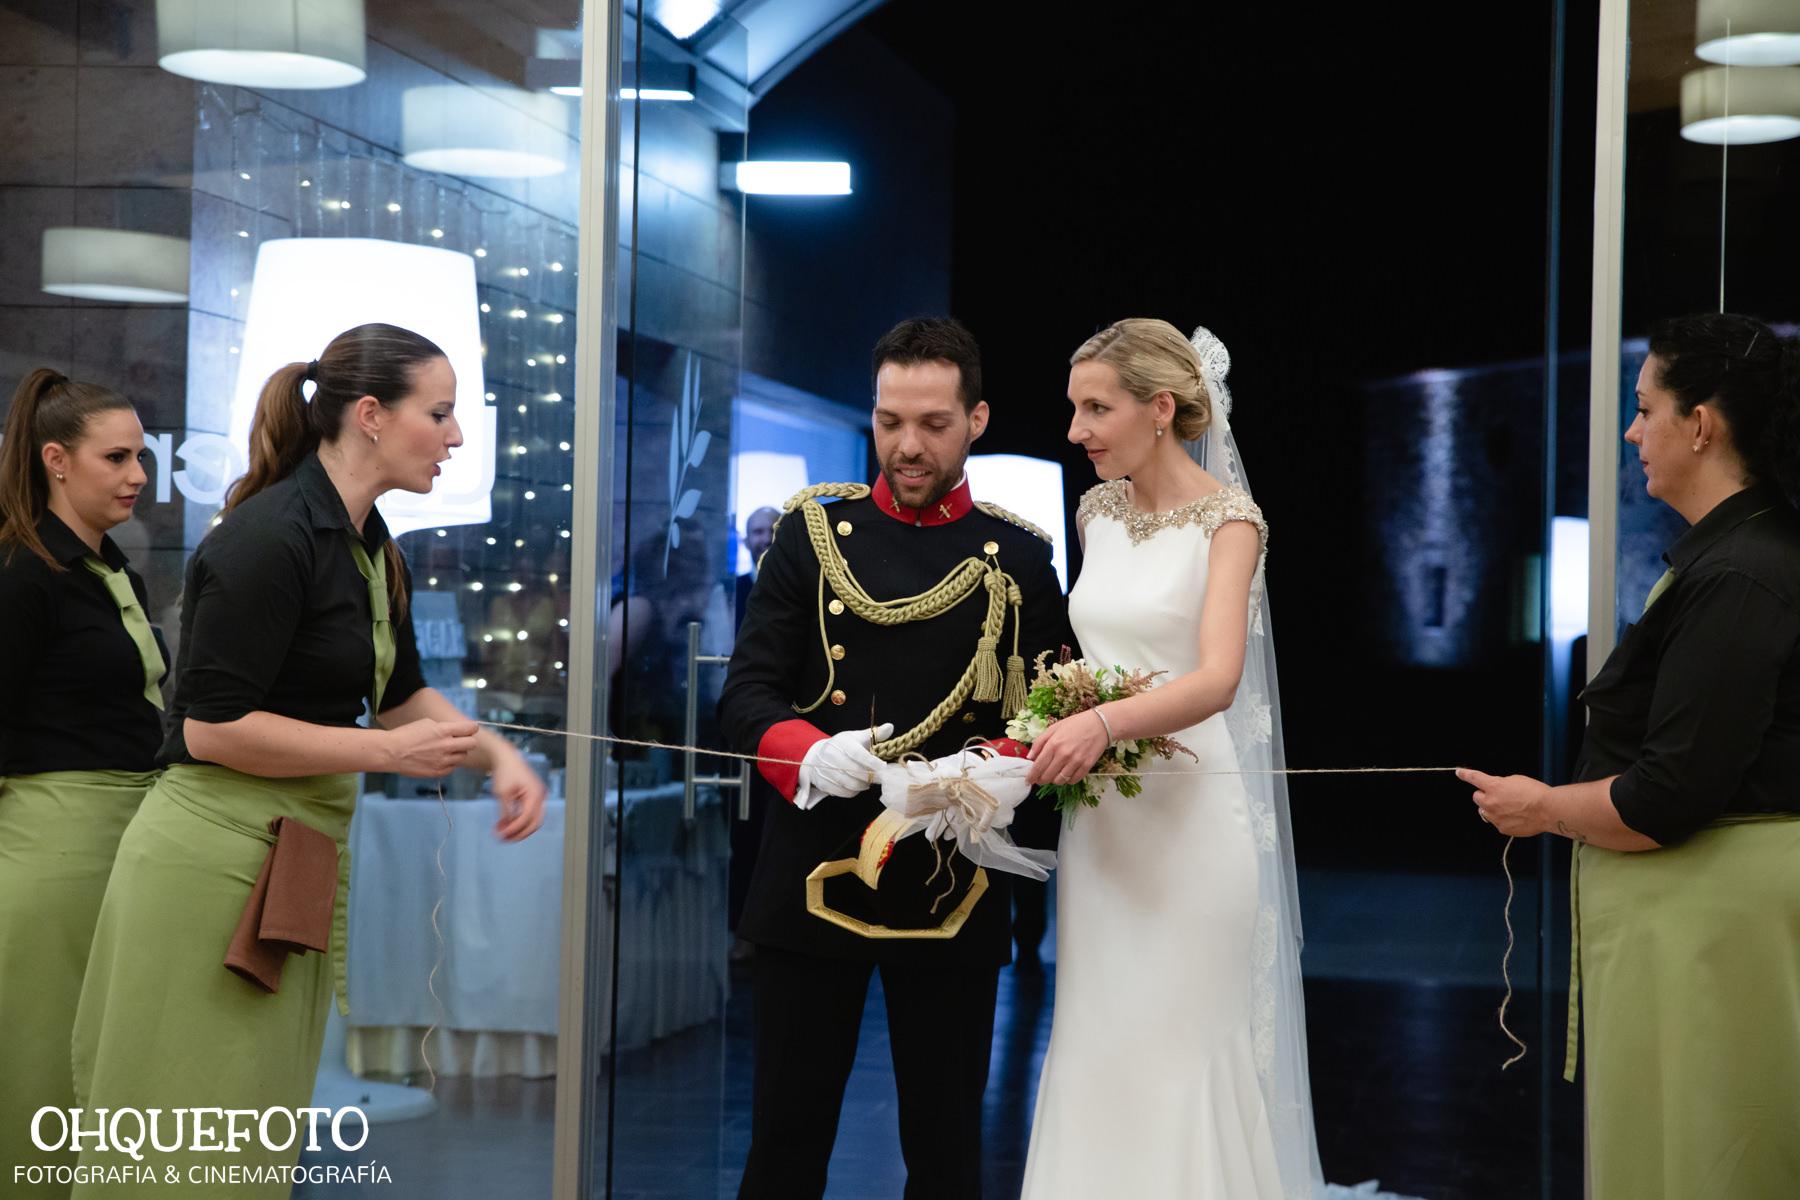 boda en la peraleda boda en cabeza del buey boda en capilla reportaje de bodas en almaden video de bodas en cordoba477 - Jose y Gema - Boda en Zarza Capilla y la Finca La Peraleda (Chillón)